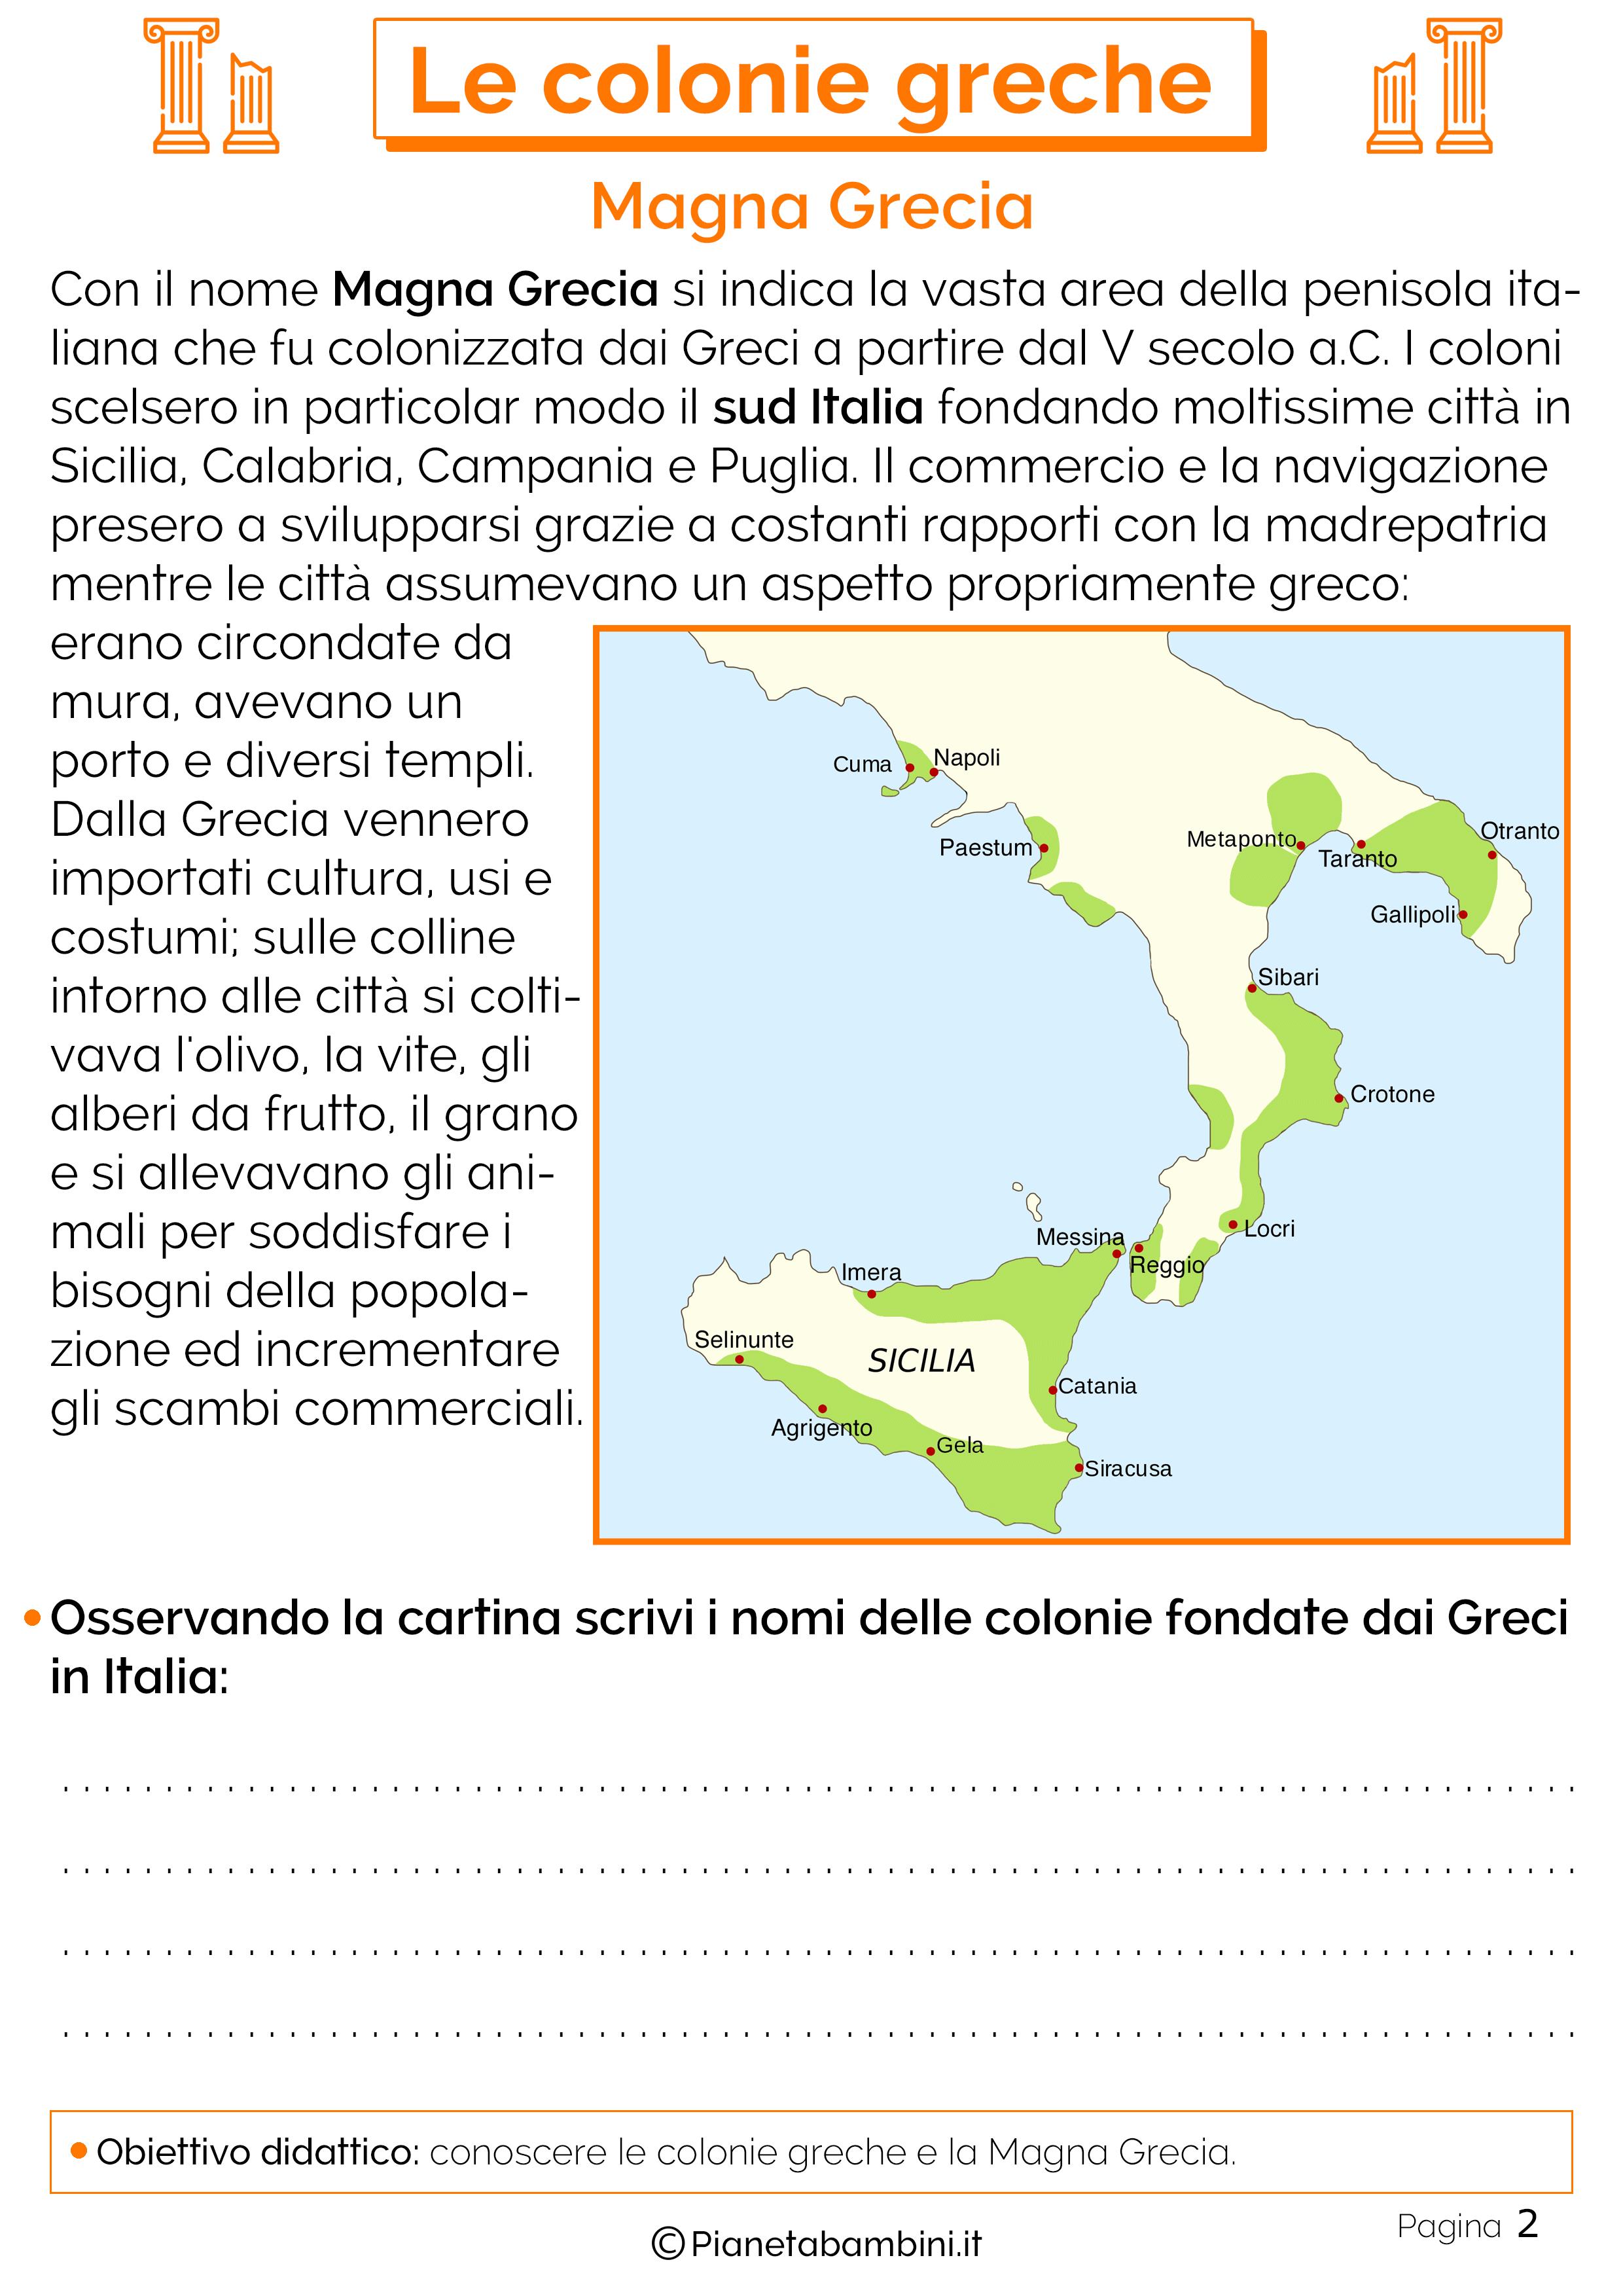 Le colonie della Magna Grecia